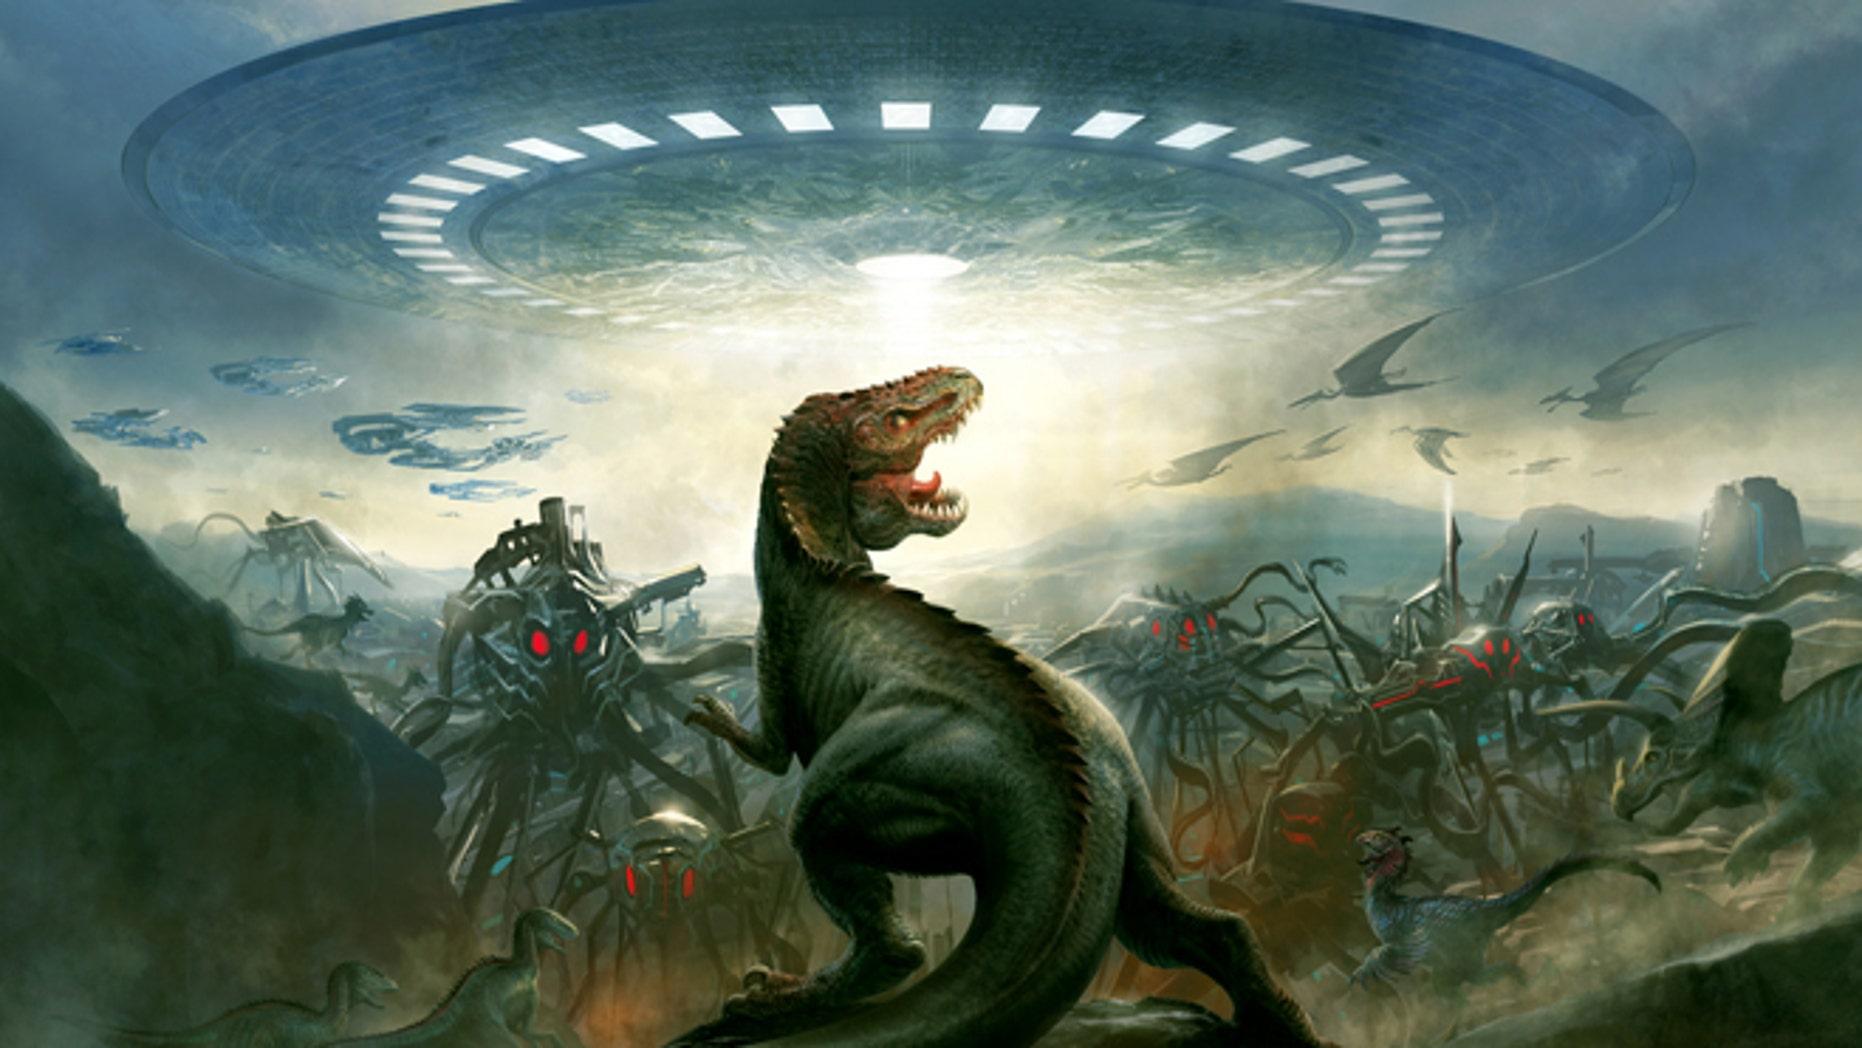 Liquid Comics' interactive digital app, E-Book and graphic novel Dinosaurs Vs. Aliens pits supersmart dinosaurs against supersmart aliens.